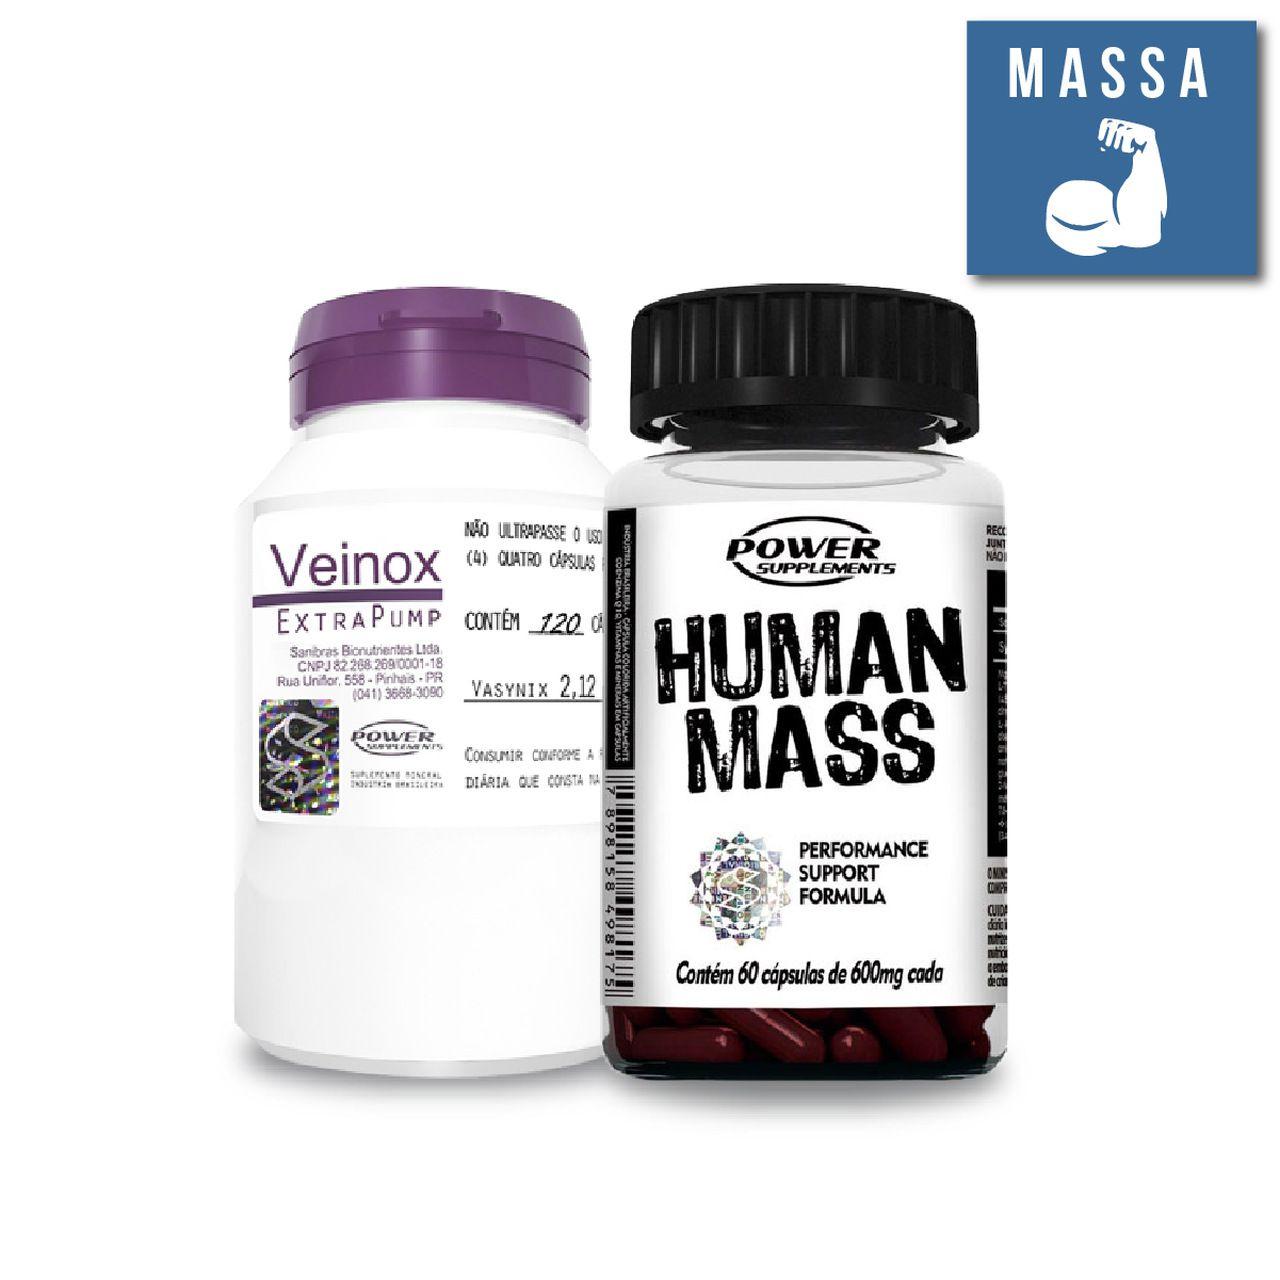 KIT: Veinox 120 Caps. + Human Mass 60 Caps.